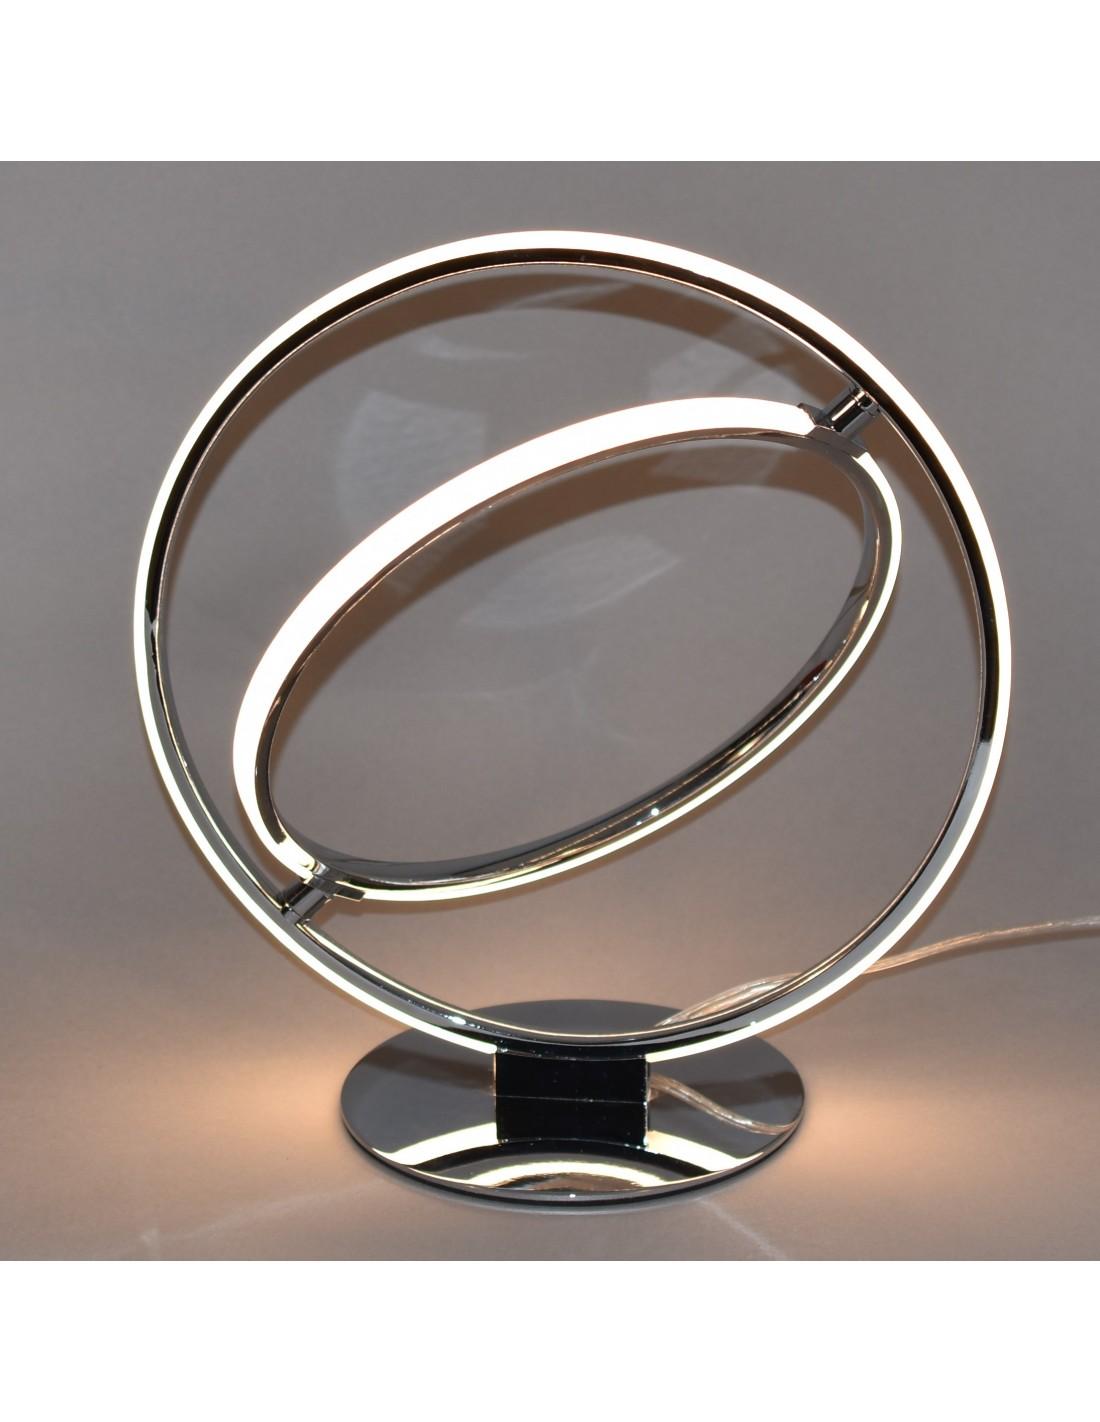 PoserAnneau Lampe À Poser AnneauDe Led LedCercle Table Lumineux A xdQrCoBWe